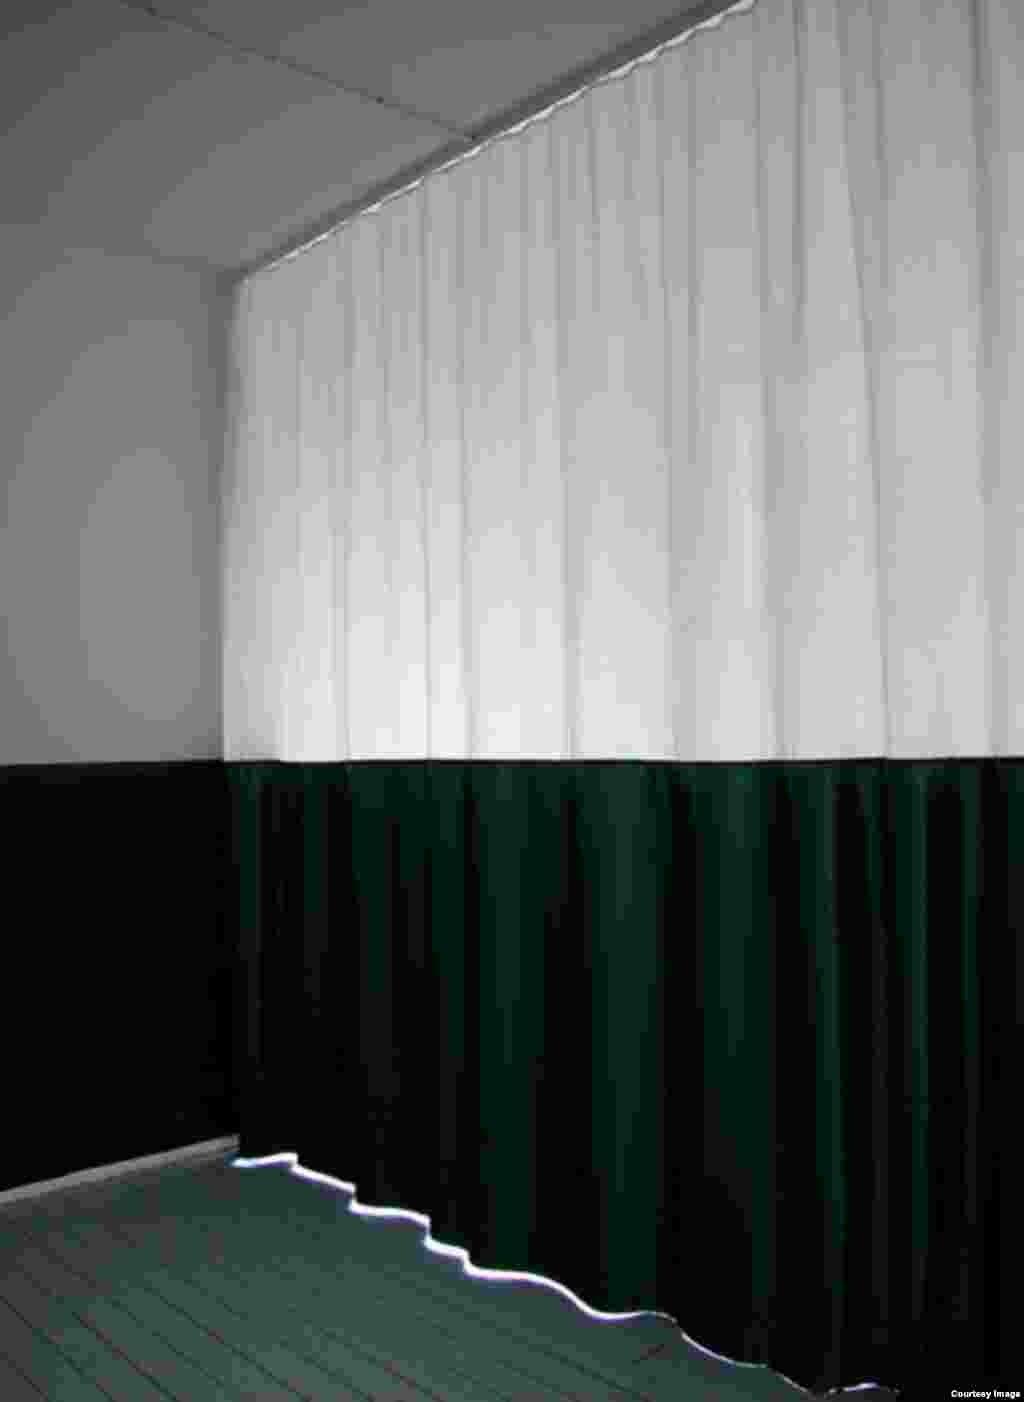 კედელი რომ გვეგონა, ფარდა აღმოჩნდა. 2004 წელი, ინსტალაცია, ხე, ქსოვილი.